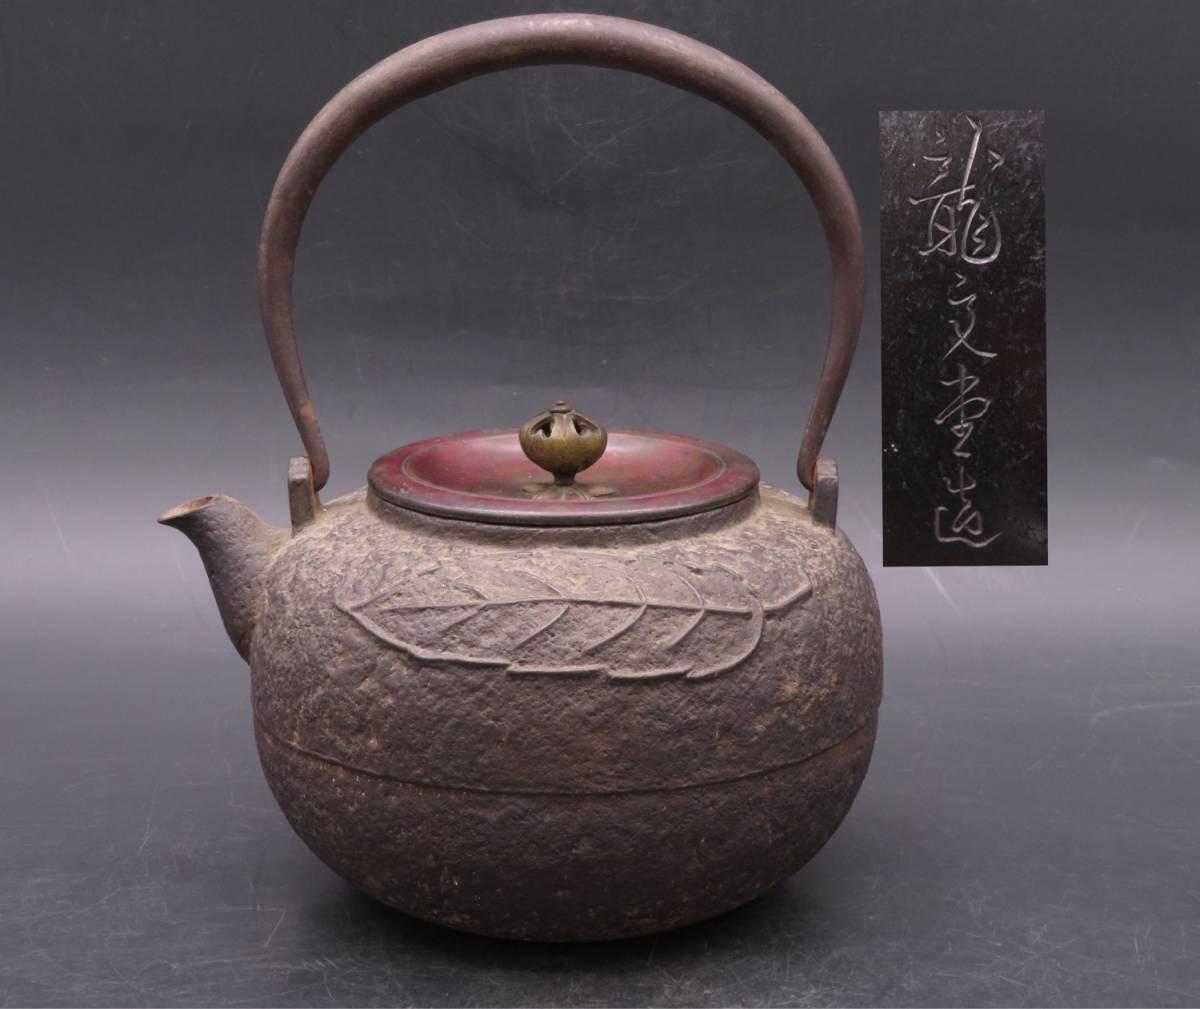 「恒」龍文堂造 葉紋 鉄瓶 在銘 銅蓋 時代煎茶道具 鉄壺 湯沸 急須 YK19777